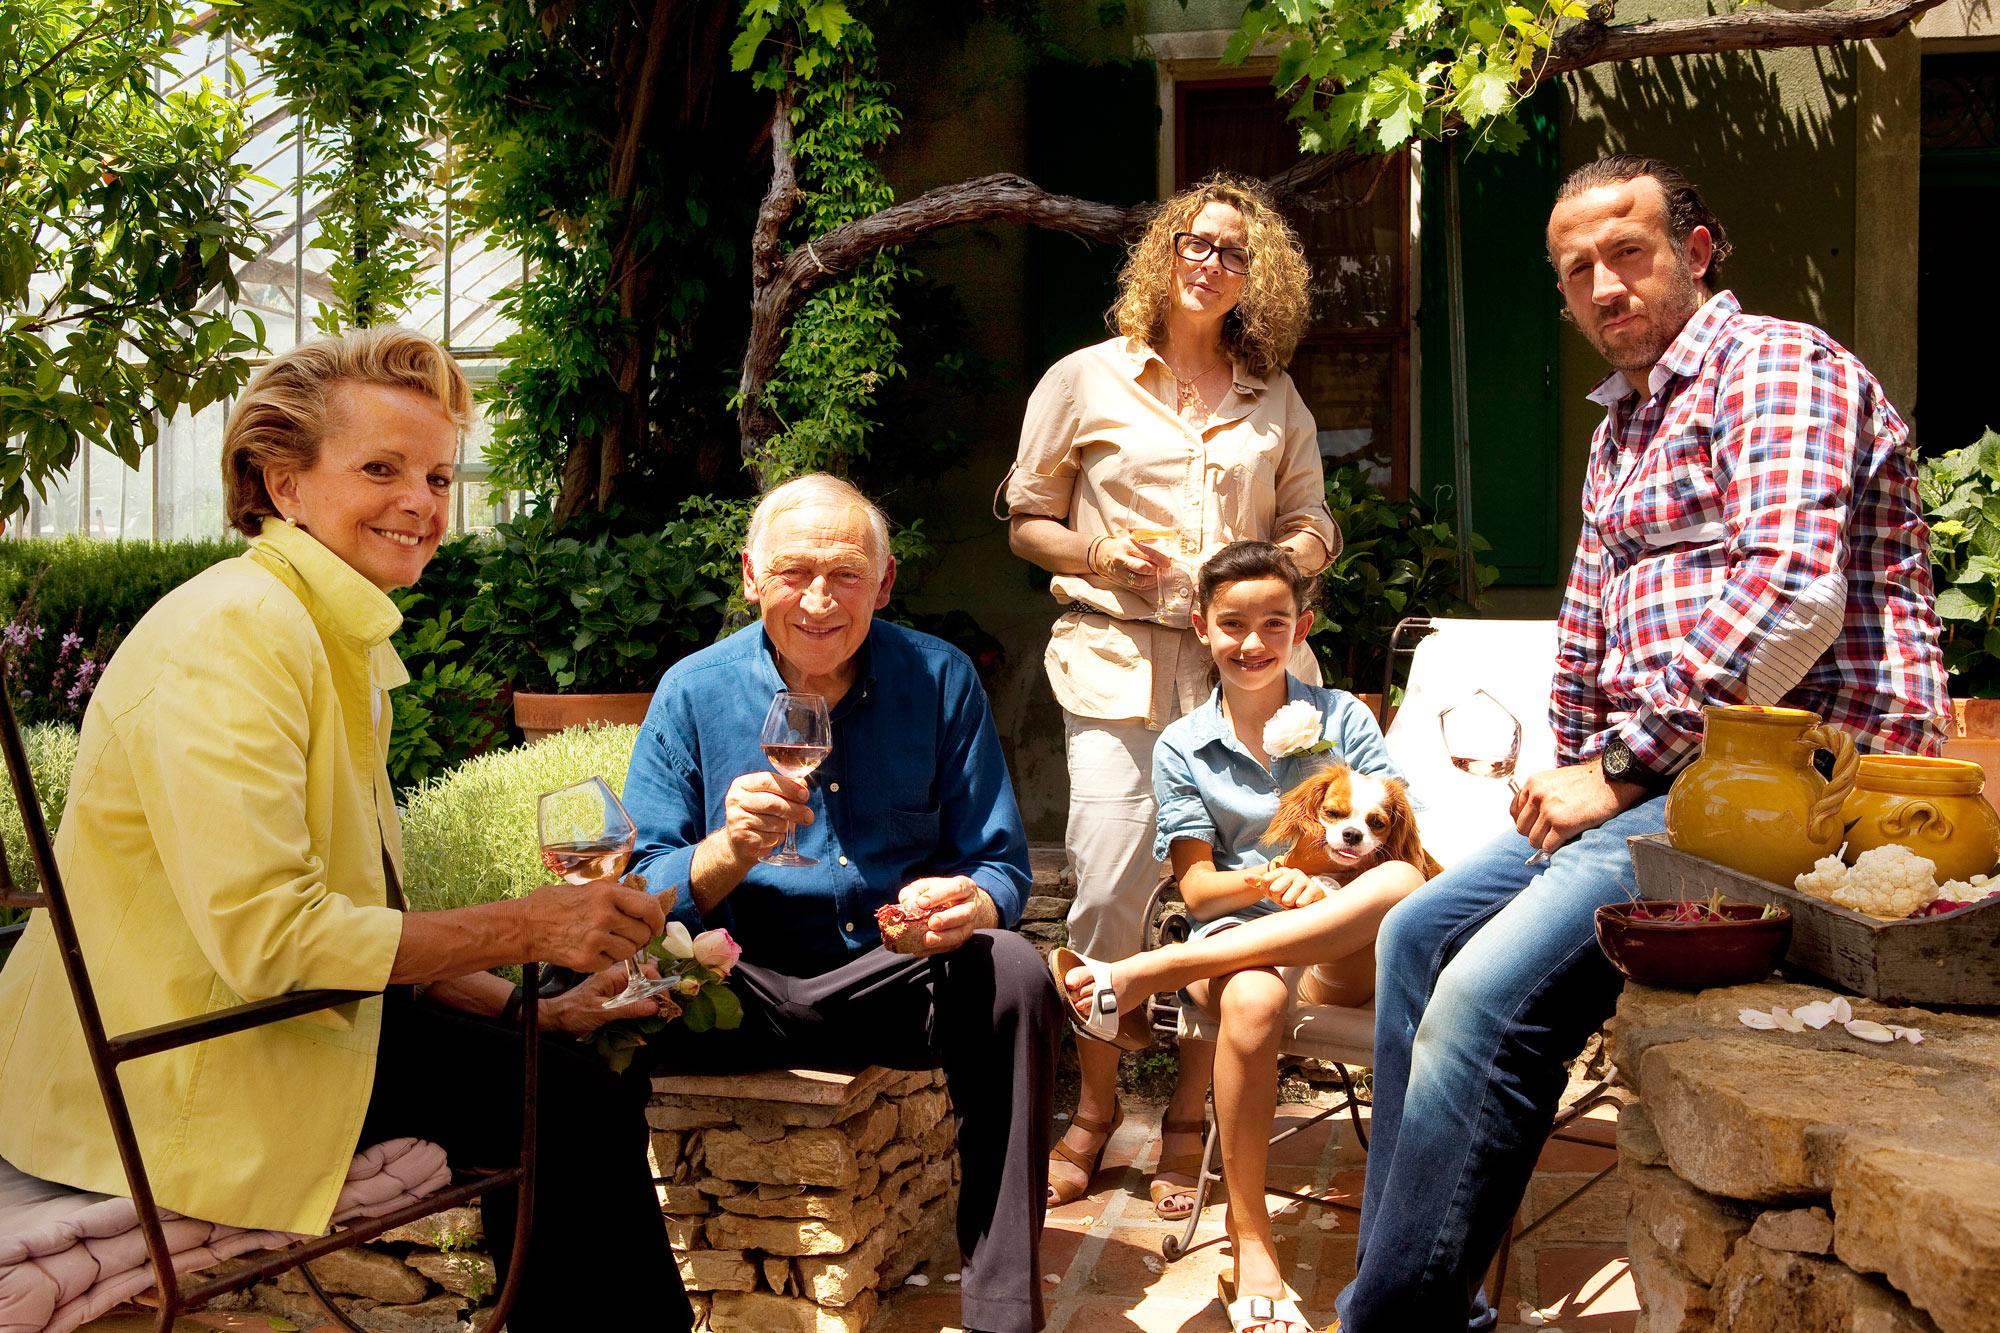 Photo de famille réalisée dans un jardin, réunissant 4 générations en train de déguster un vin rosé et un petit chien